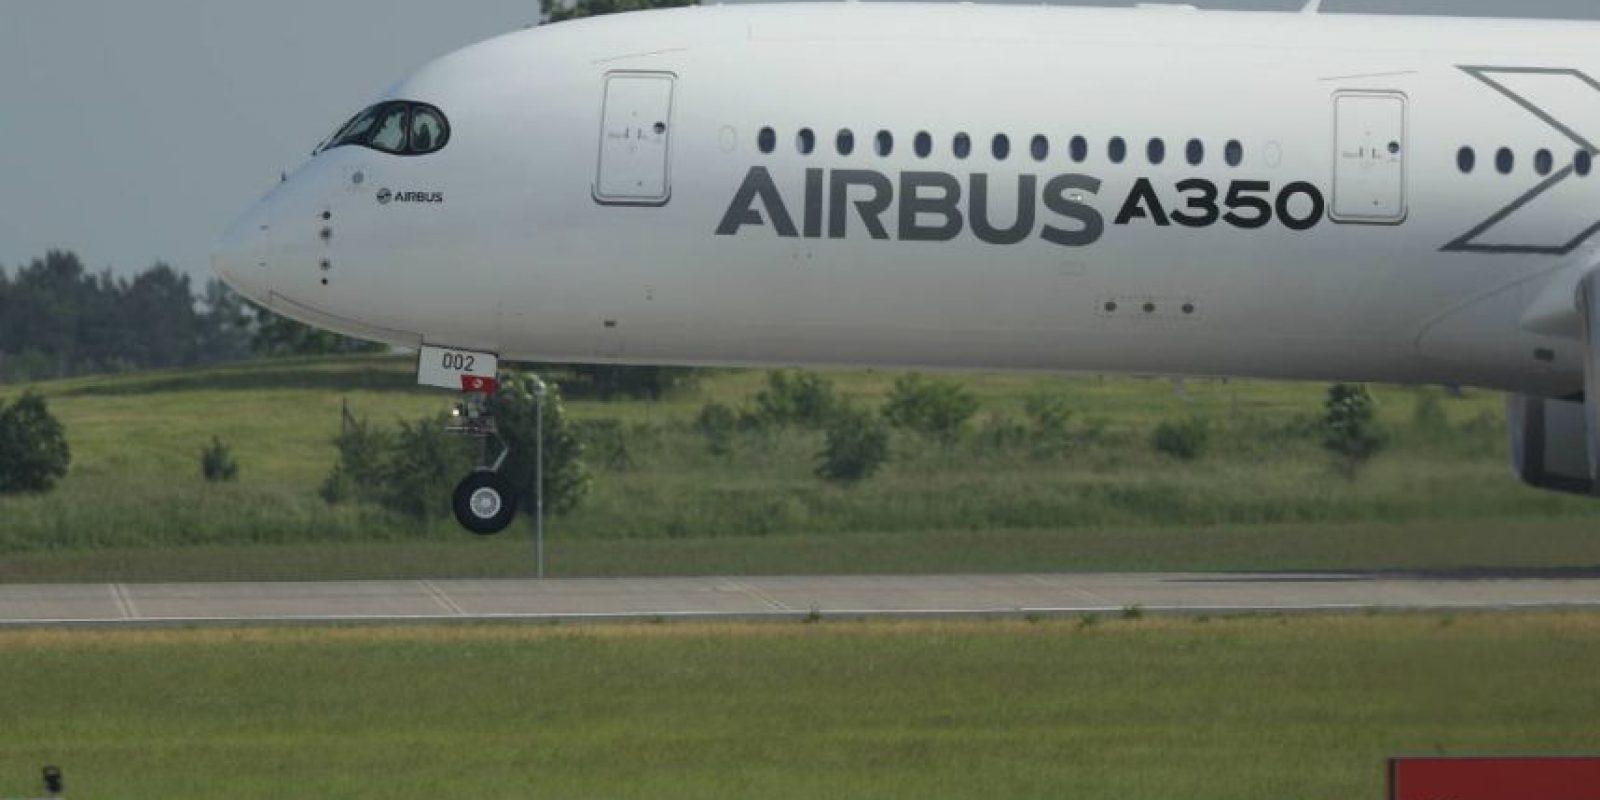 El A350 es la primera aeronave diseñada por Airbus en la que tanto el fuselaje como las estructuras del ala están formadas principalmente por materiales compuestos. Foto:Getty Images